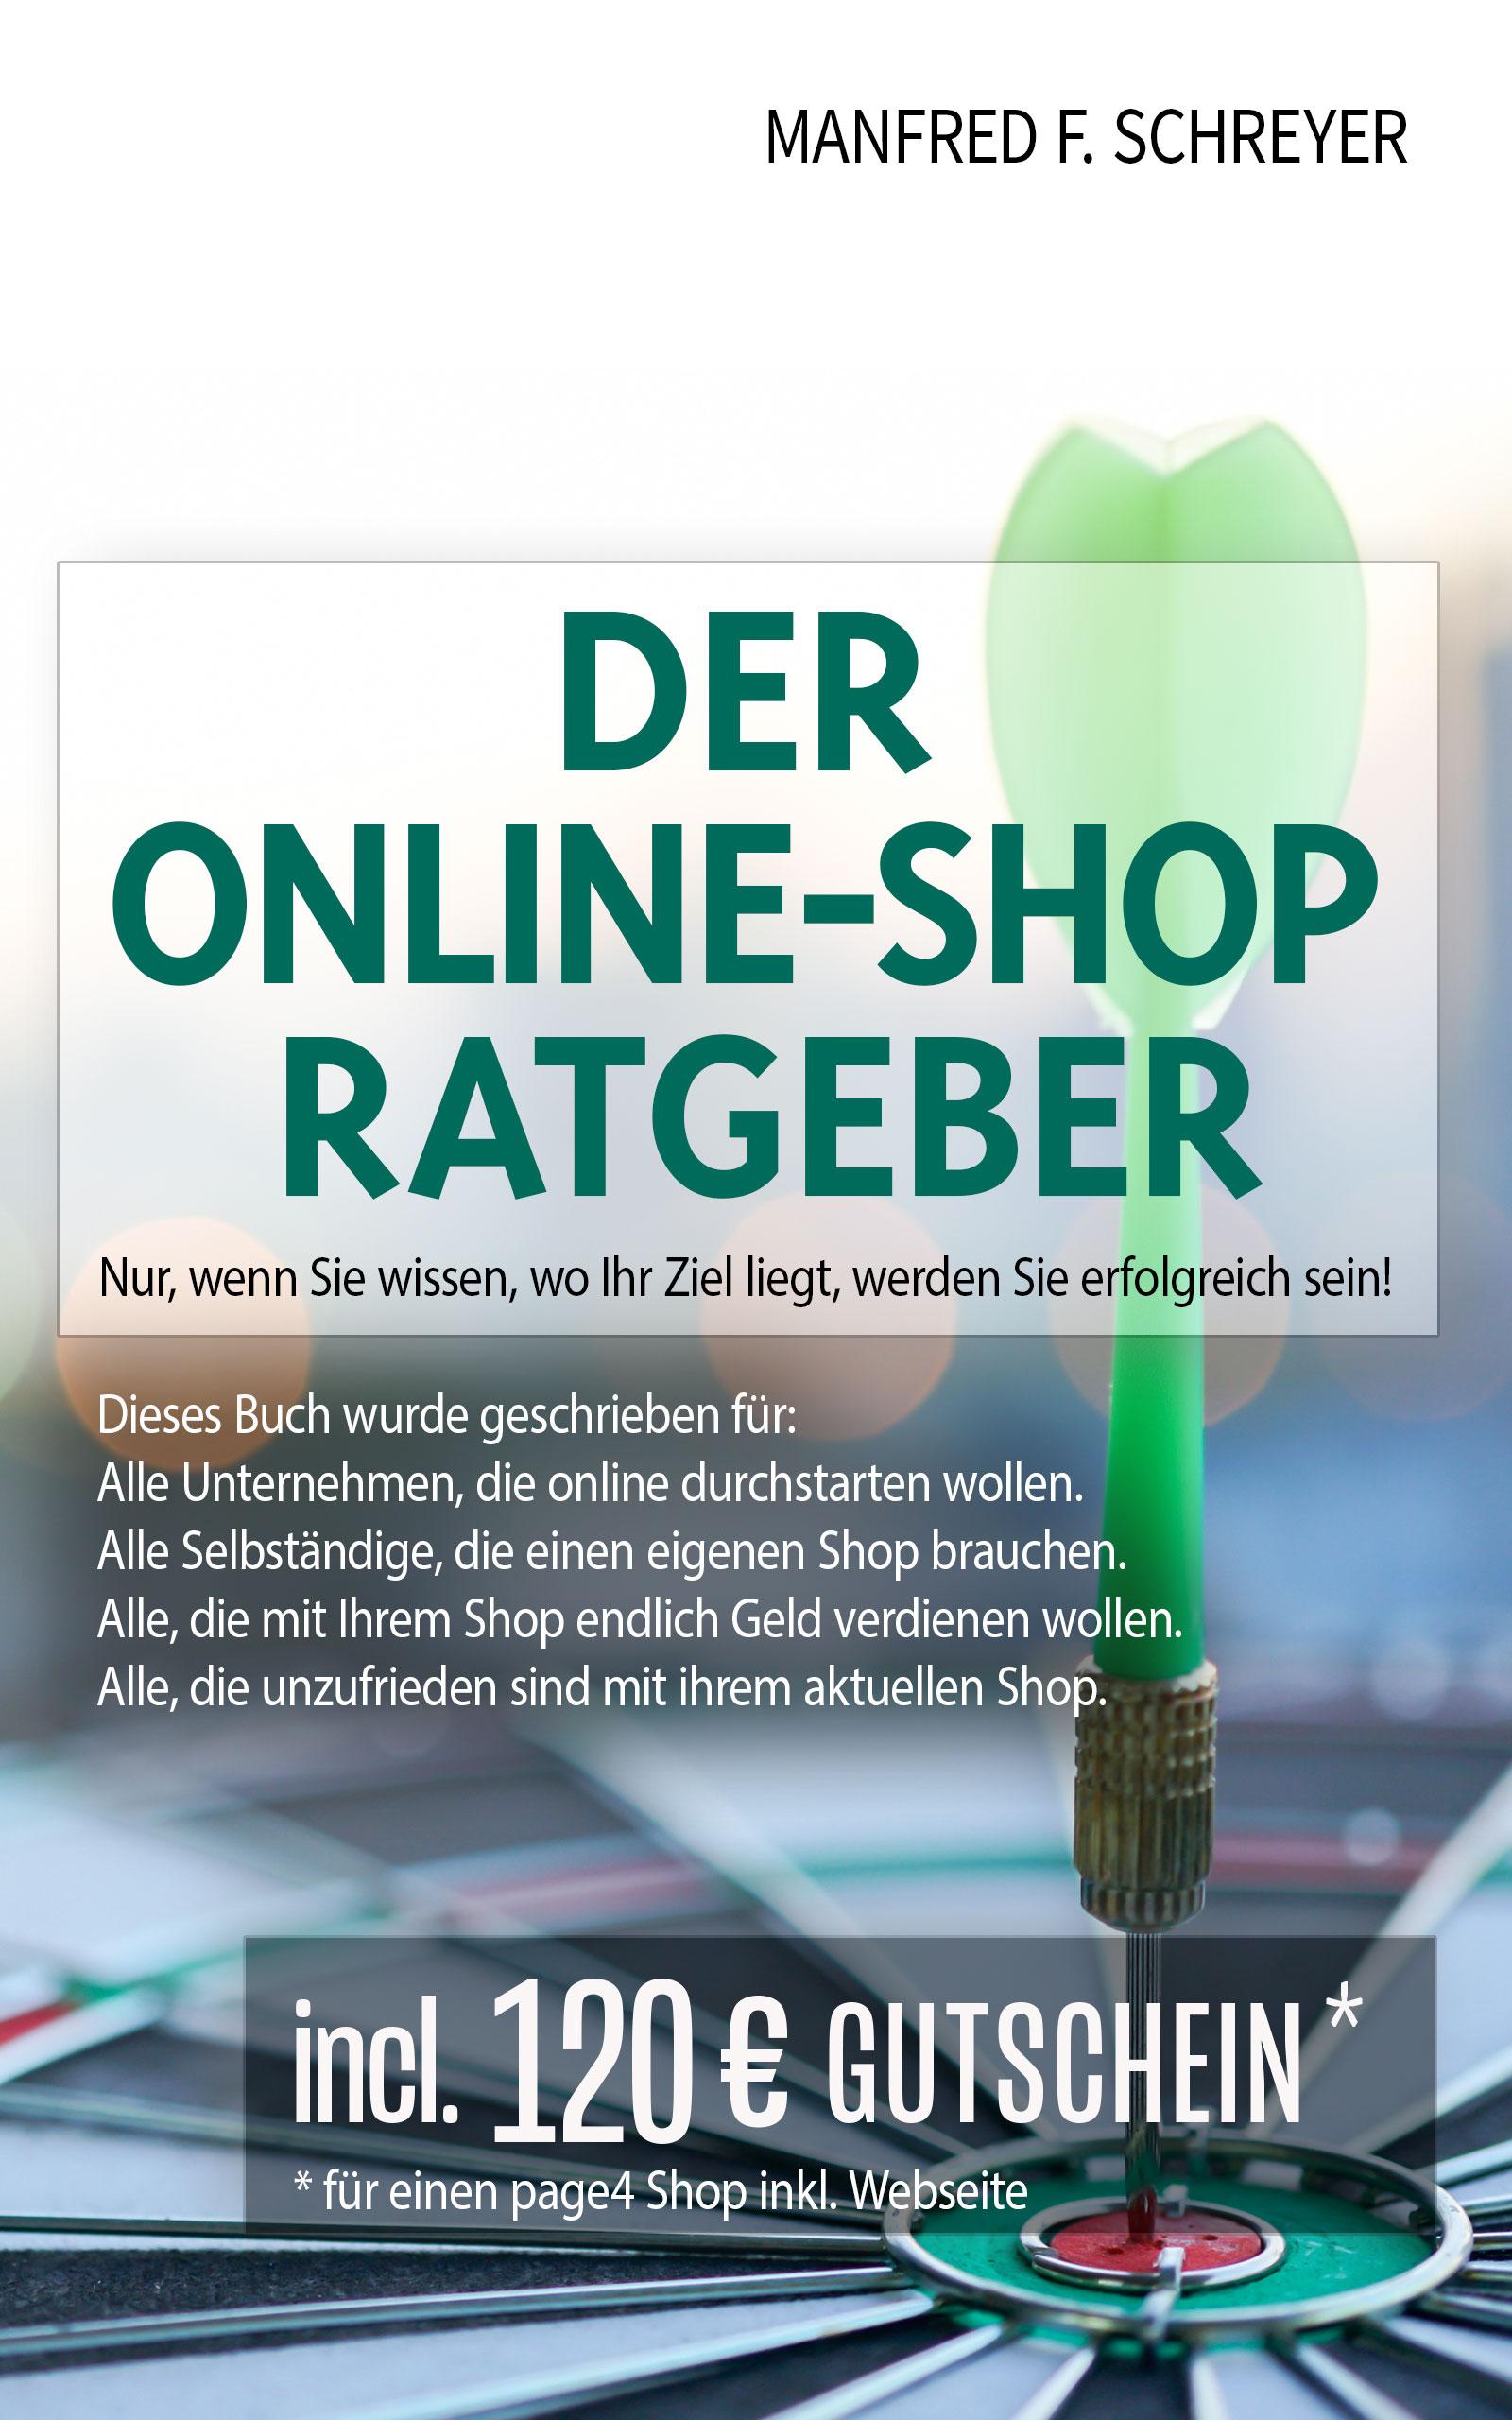 Online-Shop-Ratgeber